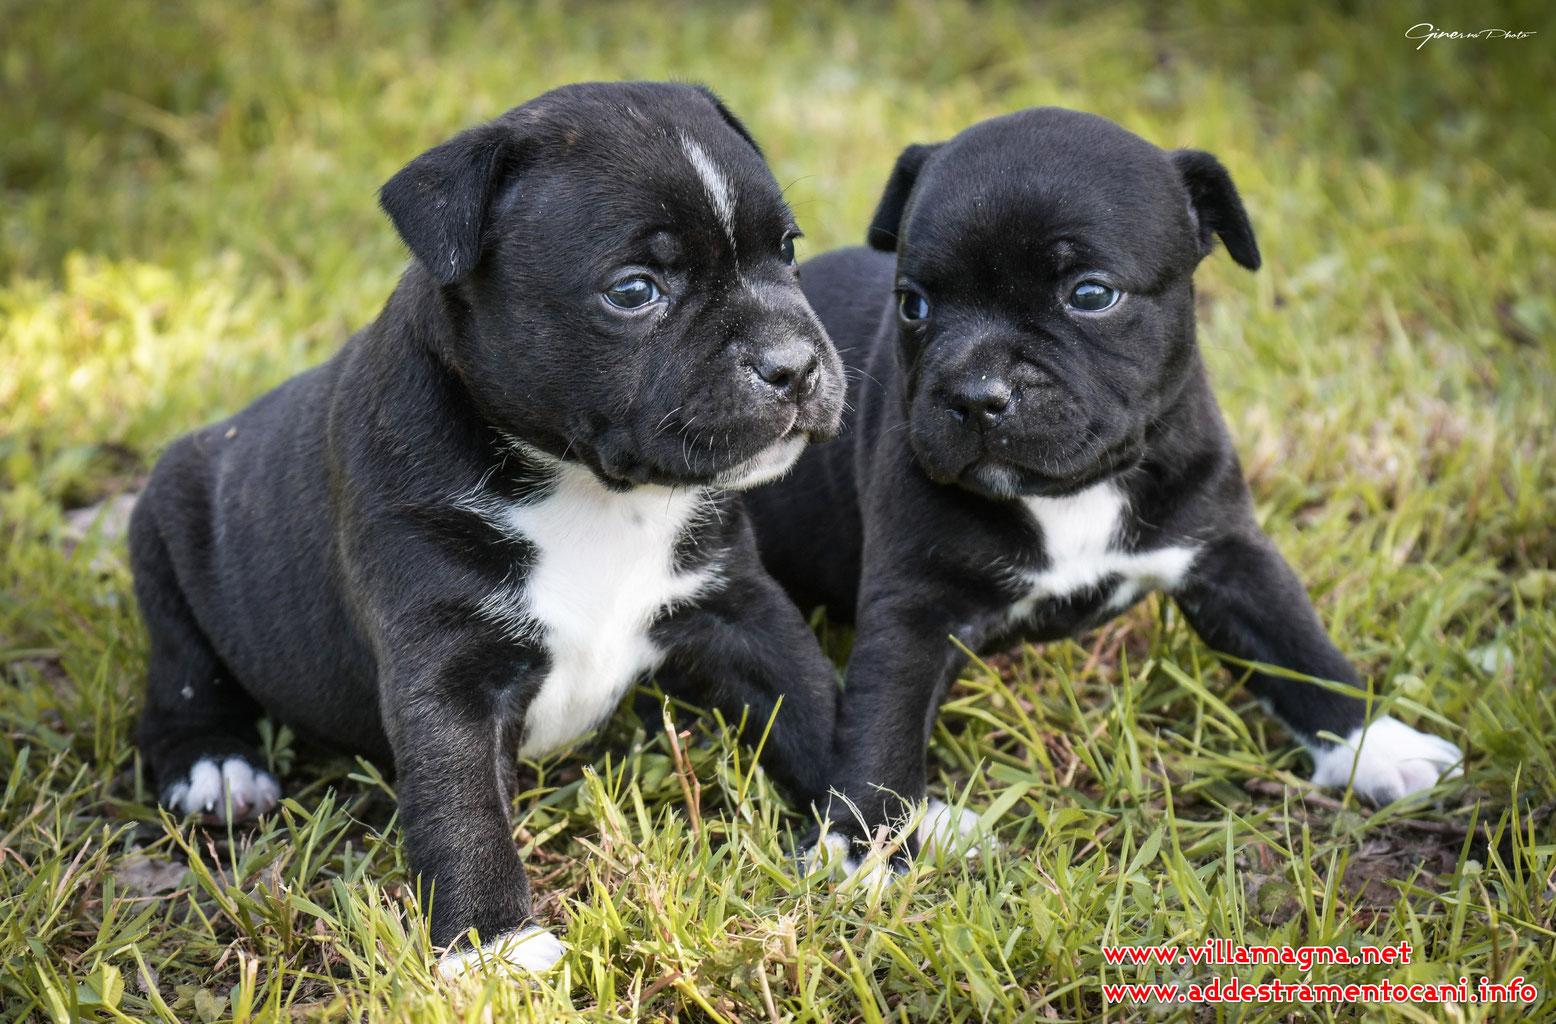 Cuccioli Staffordshire Bull Terrier - Villamagna Dogs